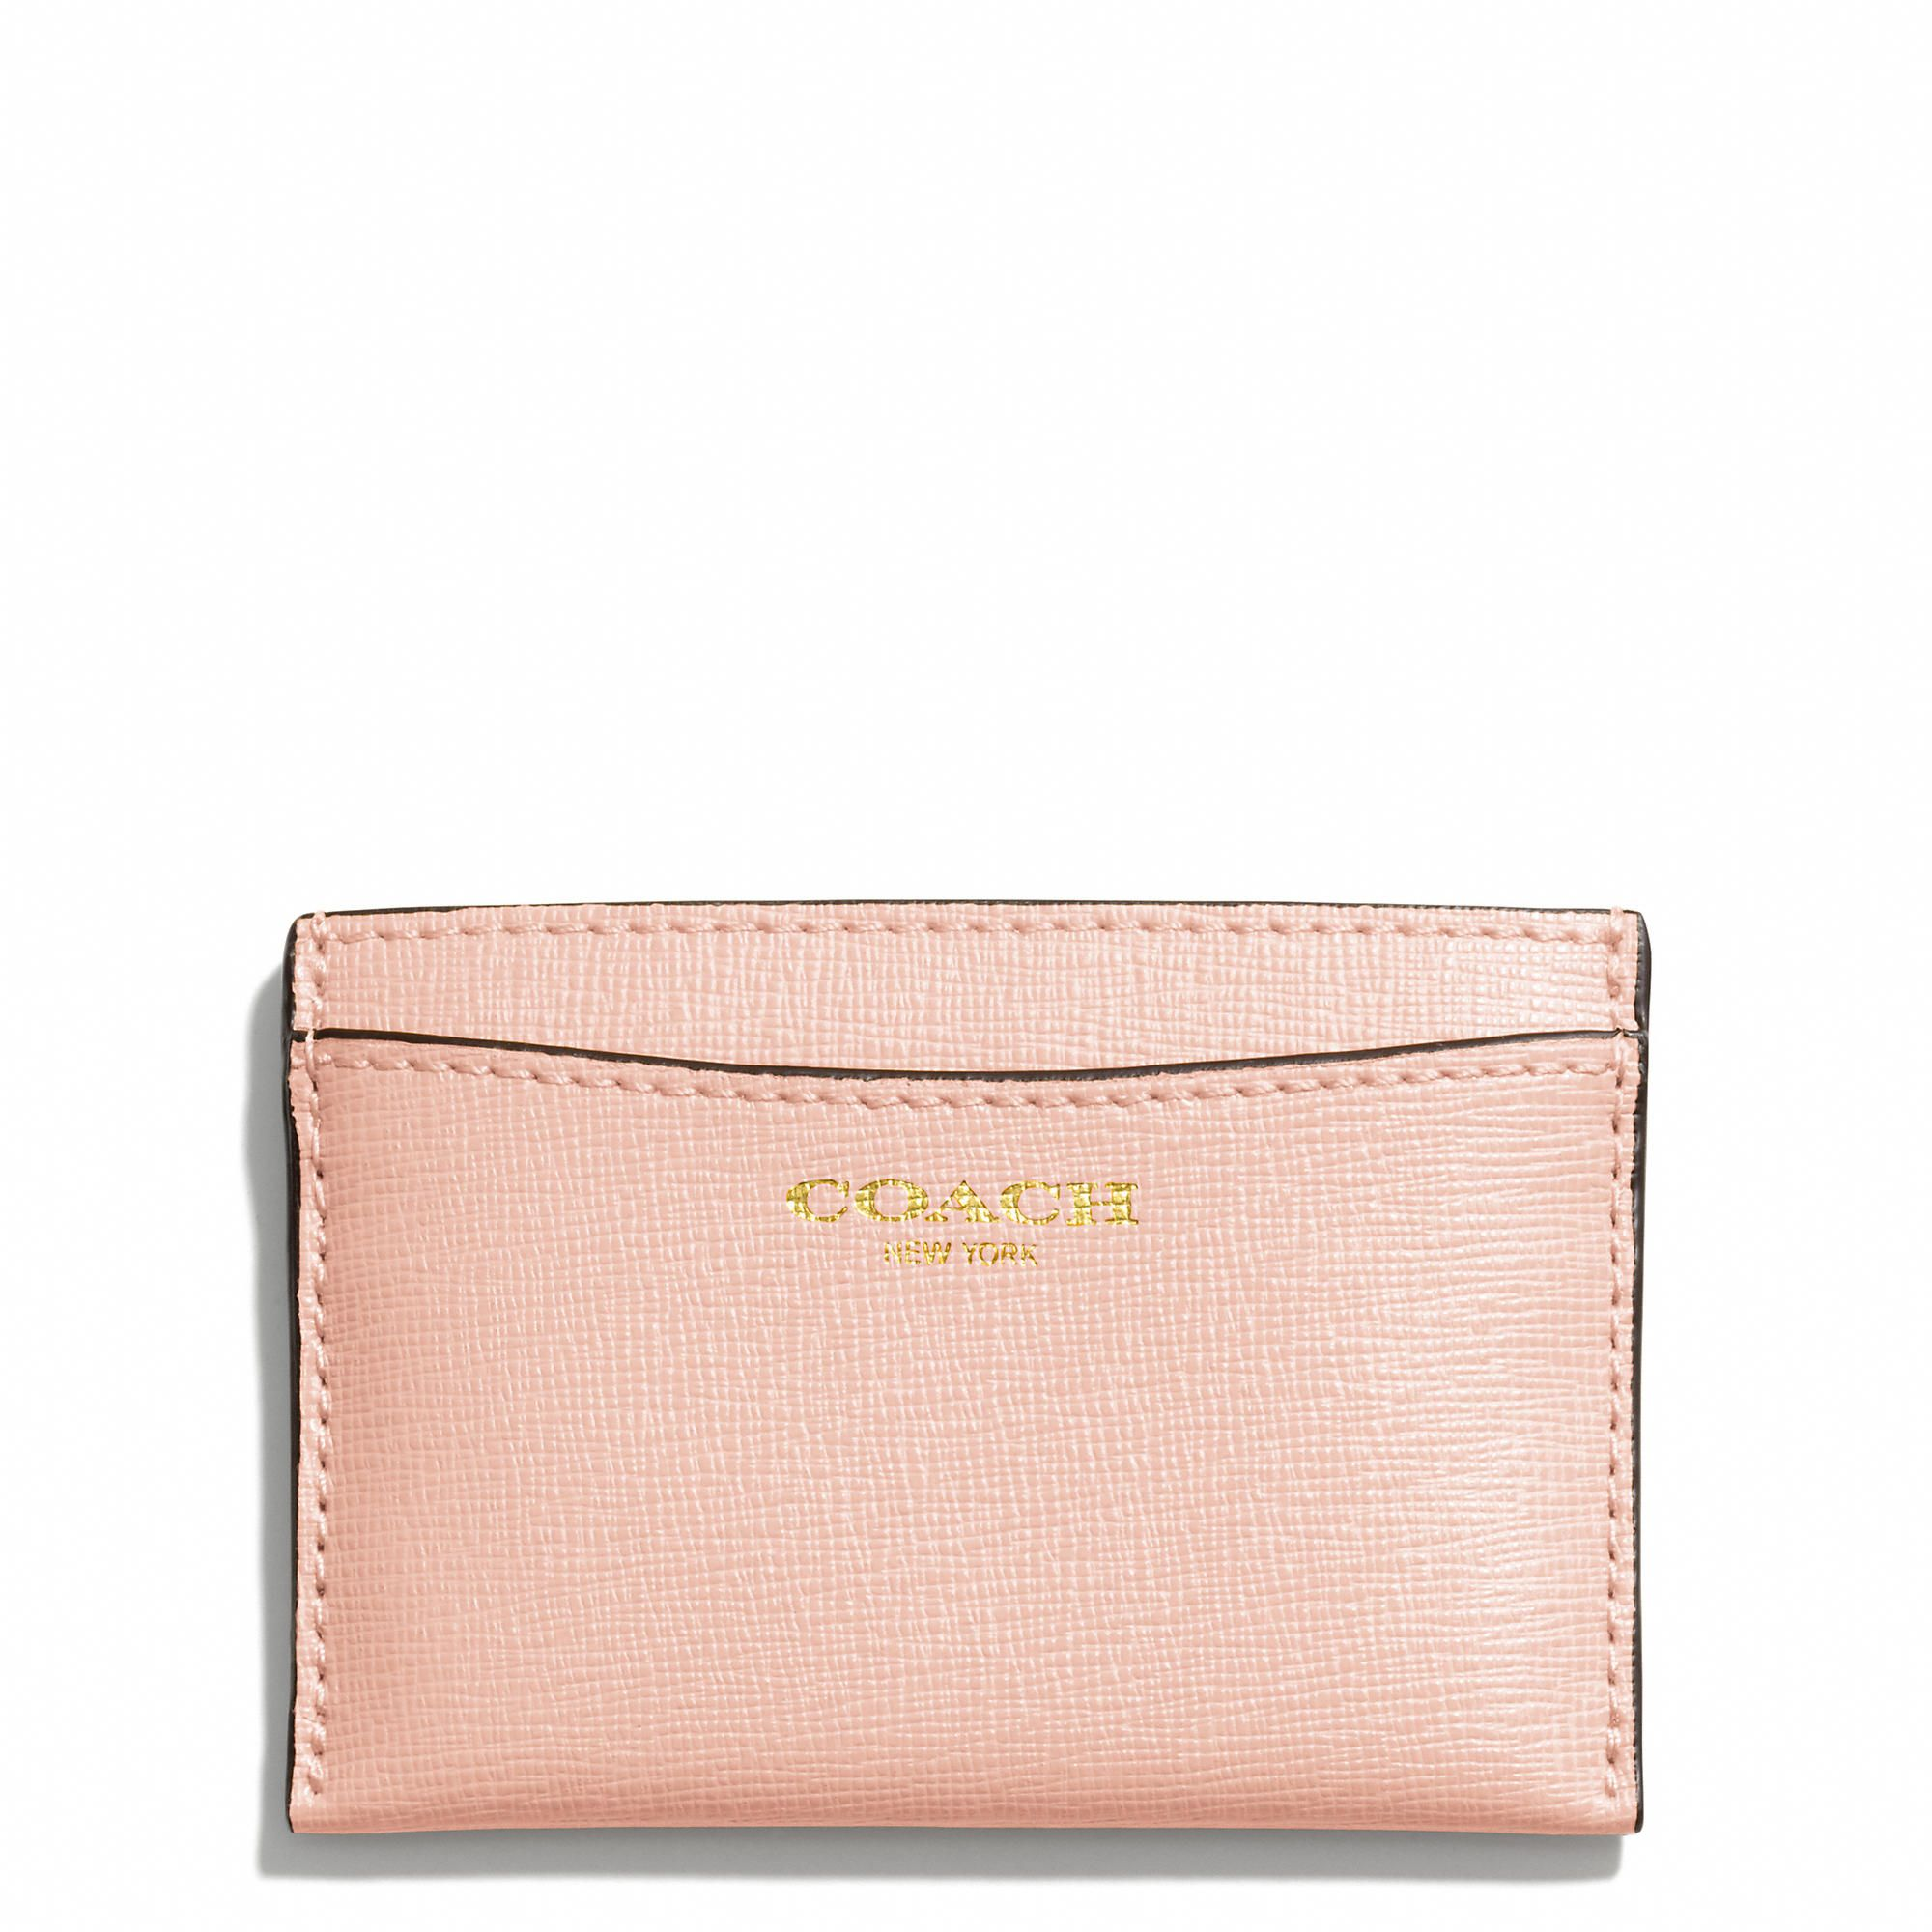 COACH Flat Card Case in Saffiano Leather in Peach Rose | Coach ...